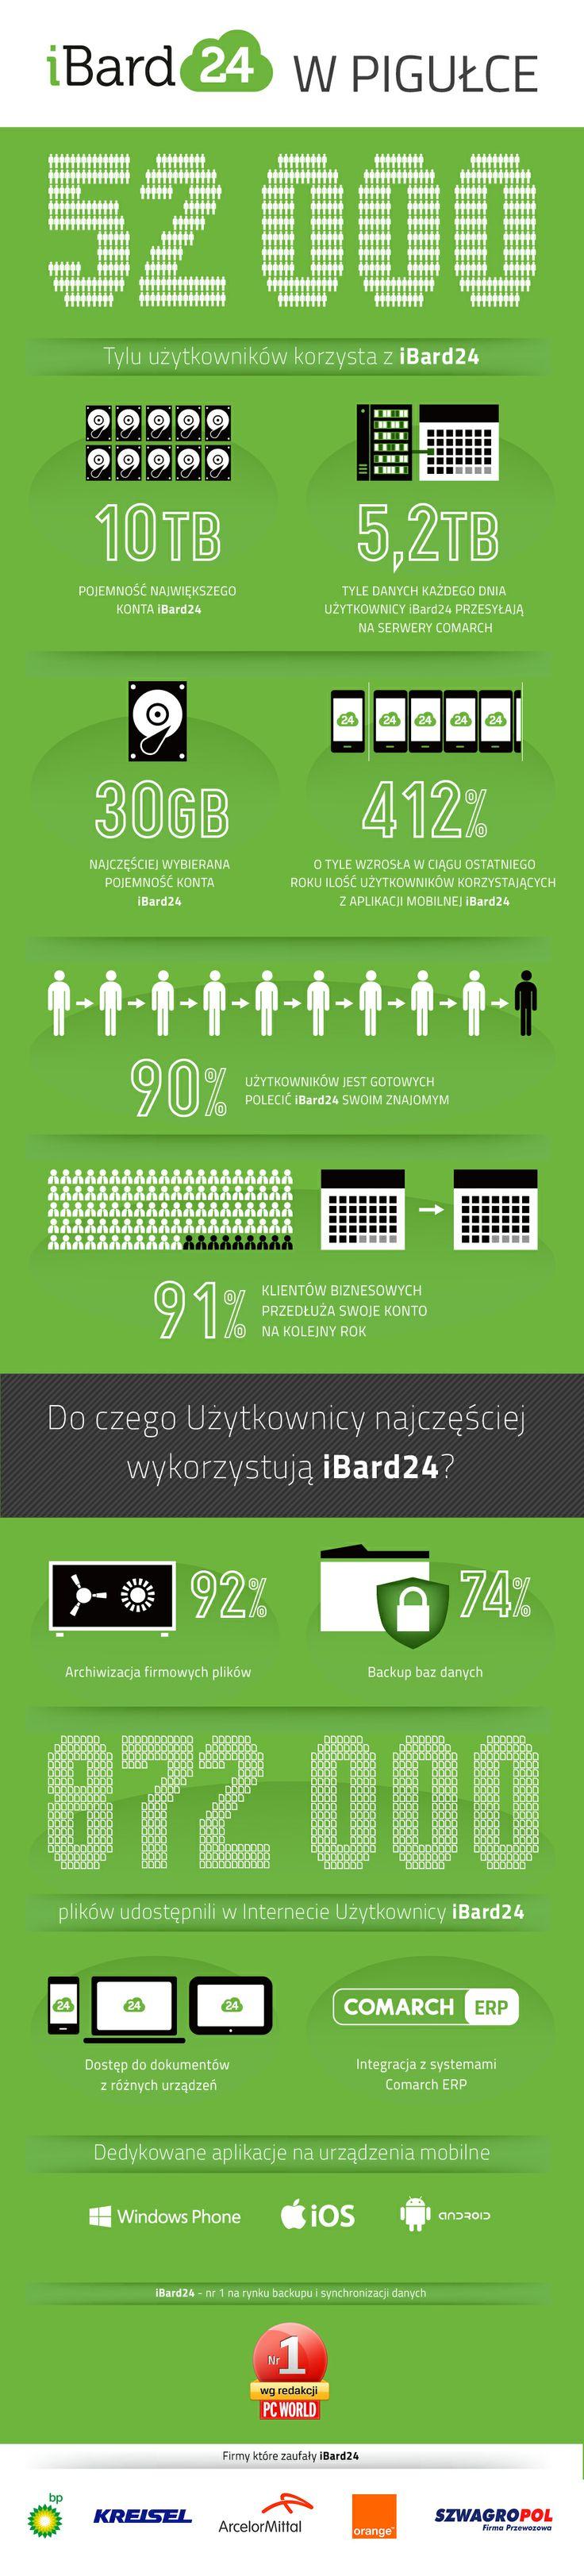 Poznaj iBard24 i zadbaj o bezpieczeństwo swoich danych